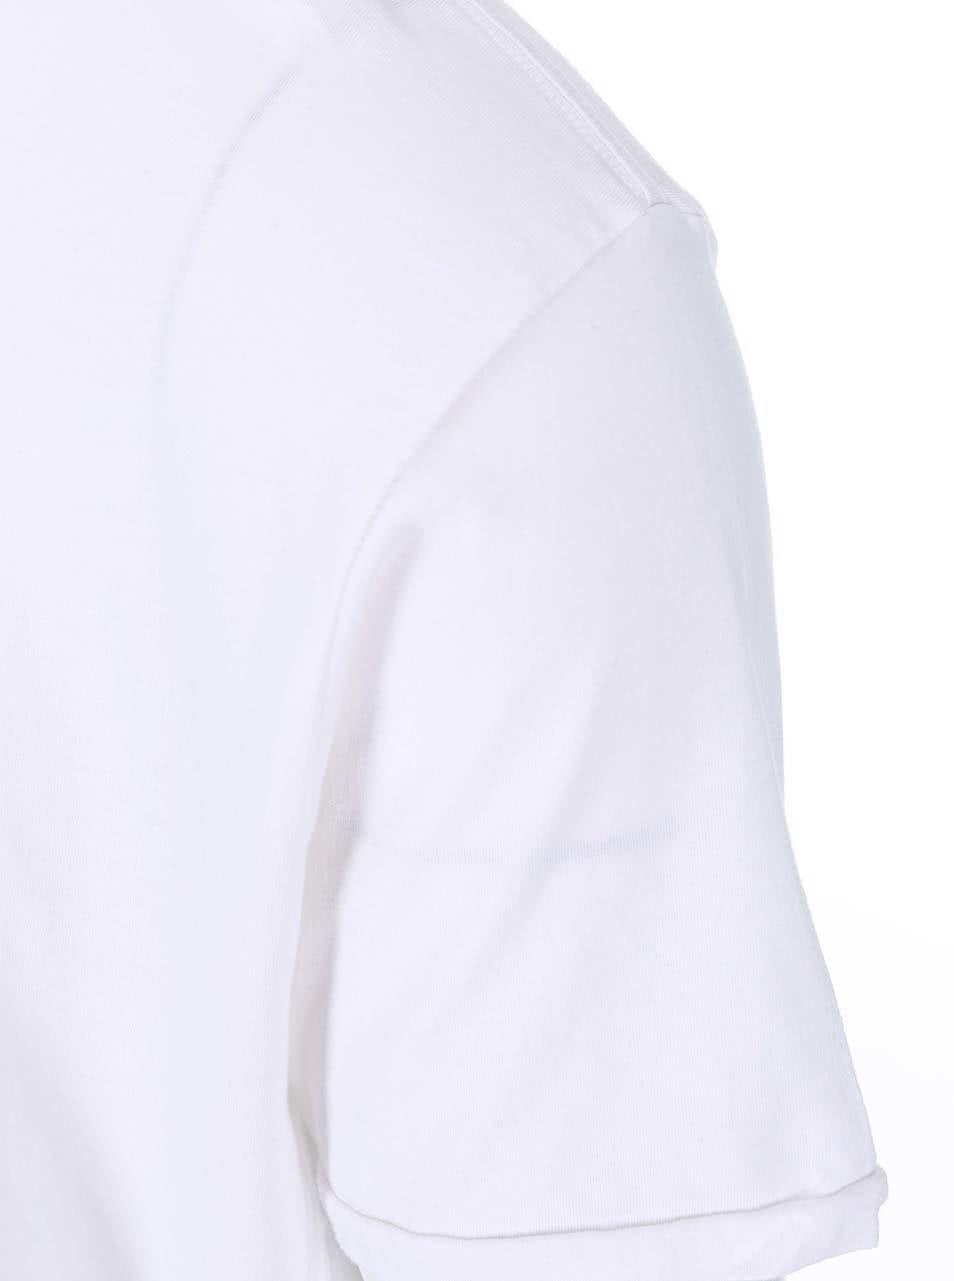 Bílé triko s prodlouženou zadní částí Shine Original ... 87778b990d